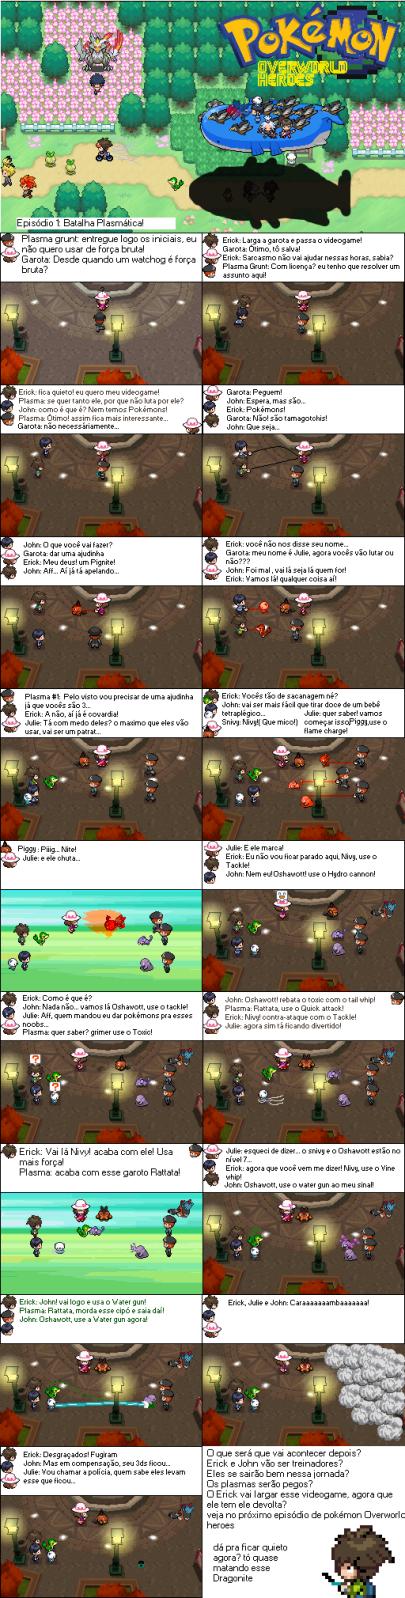 Pokémon Overworld Heroes [+72] 2s9d4xh